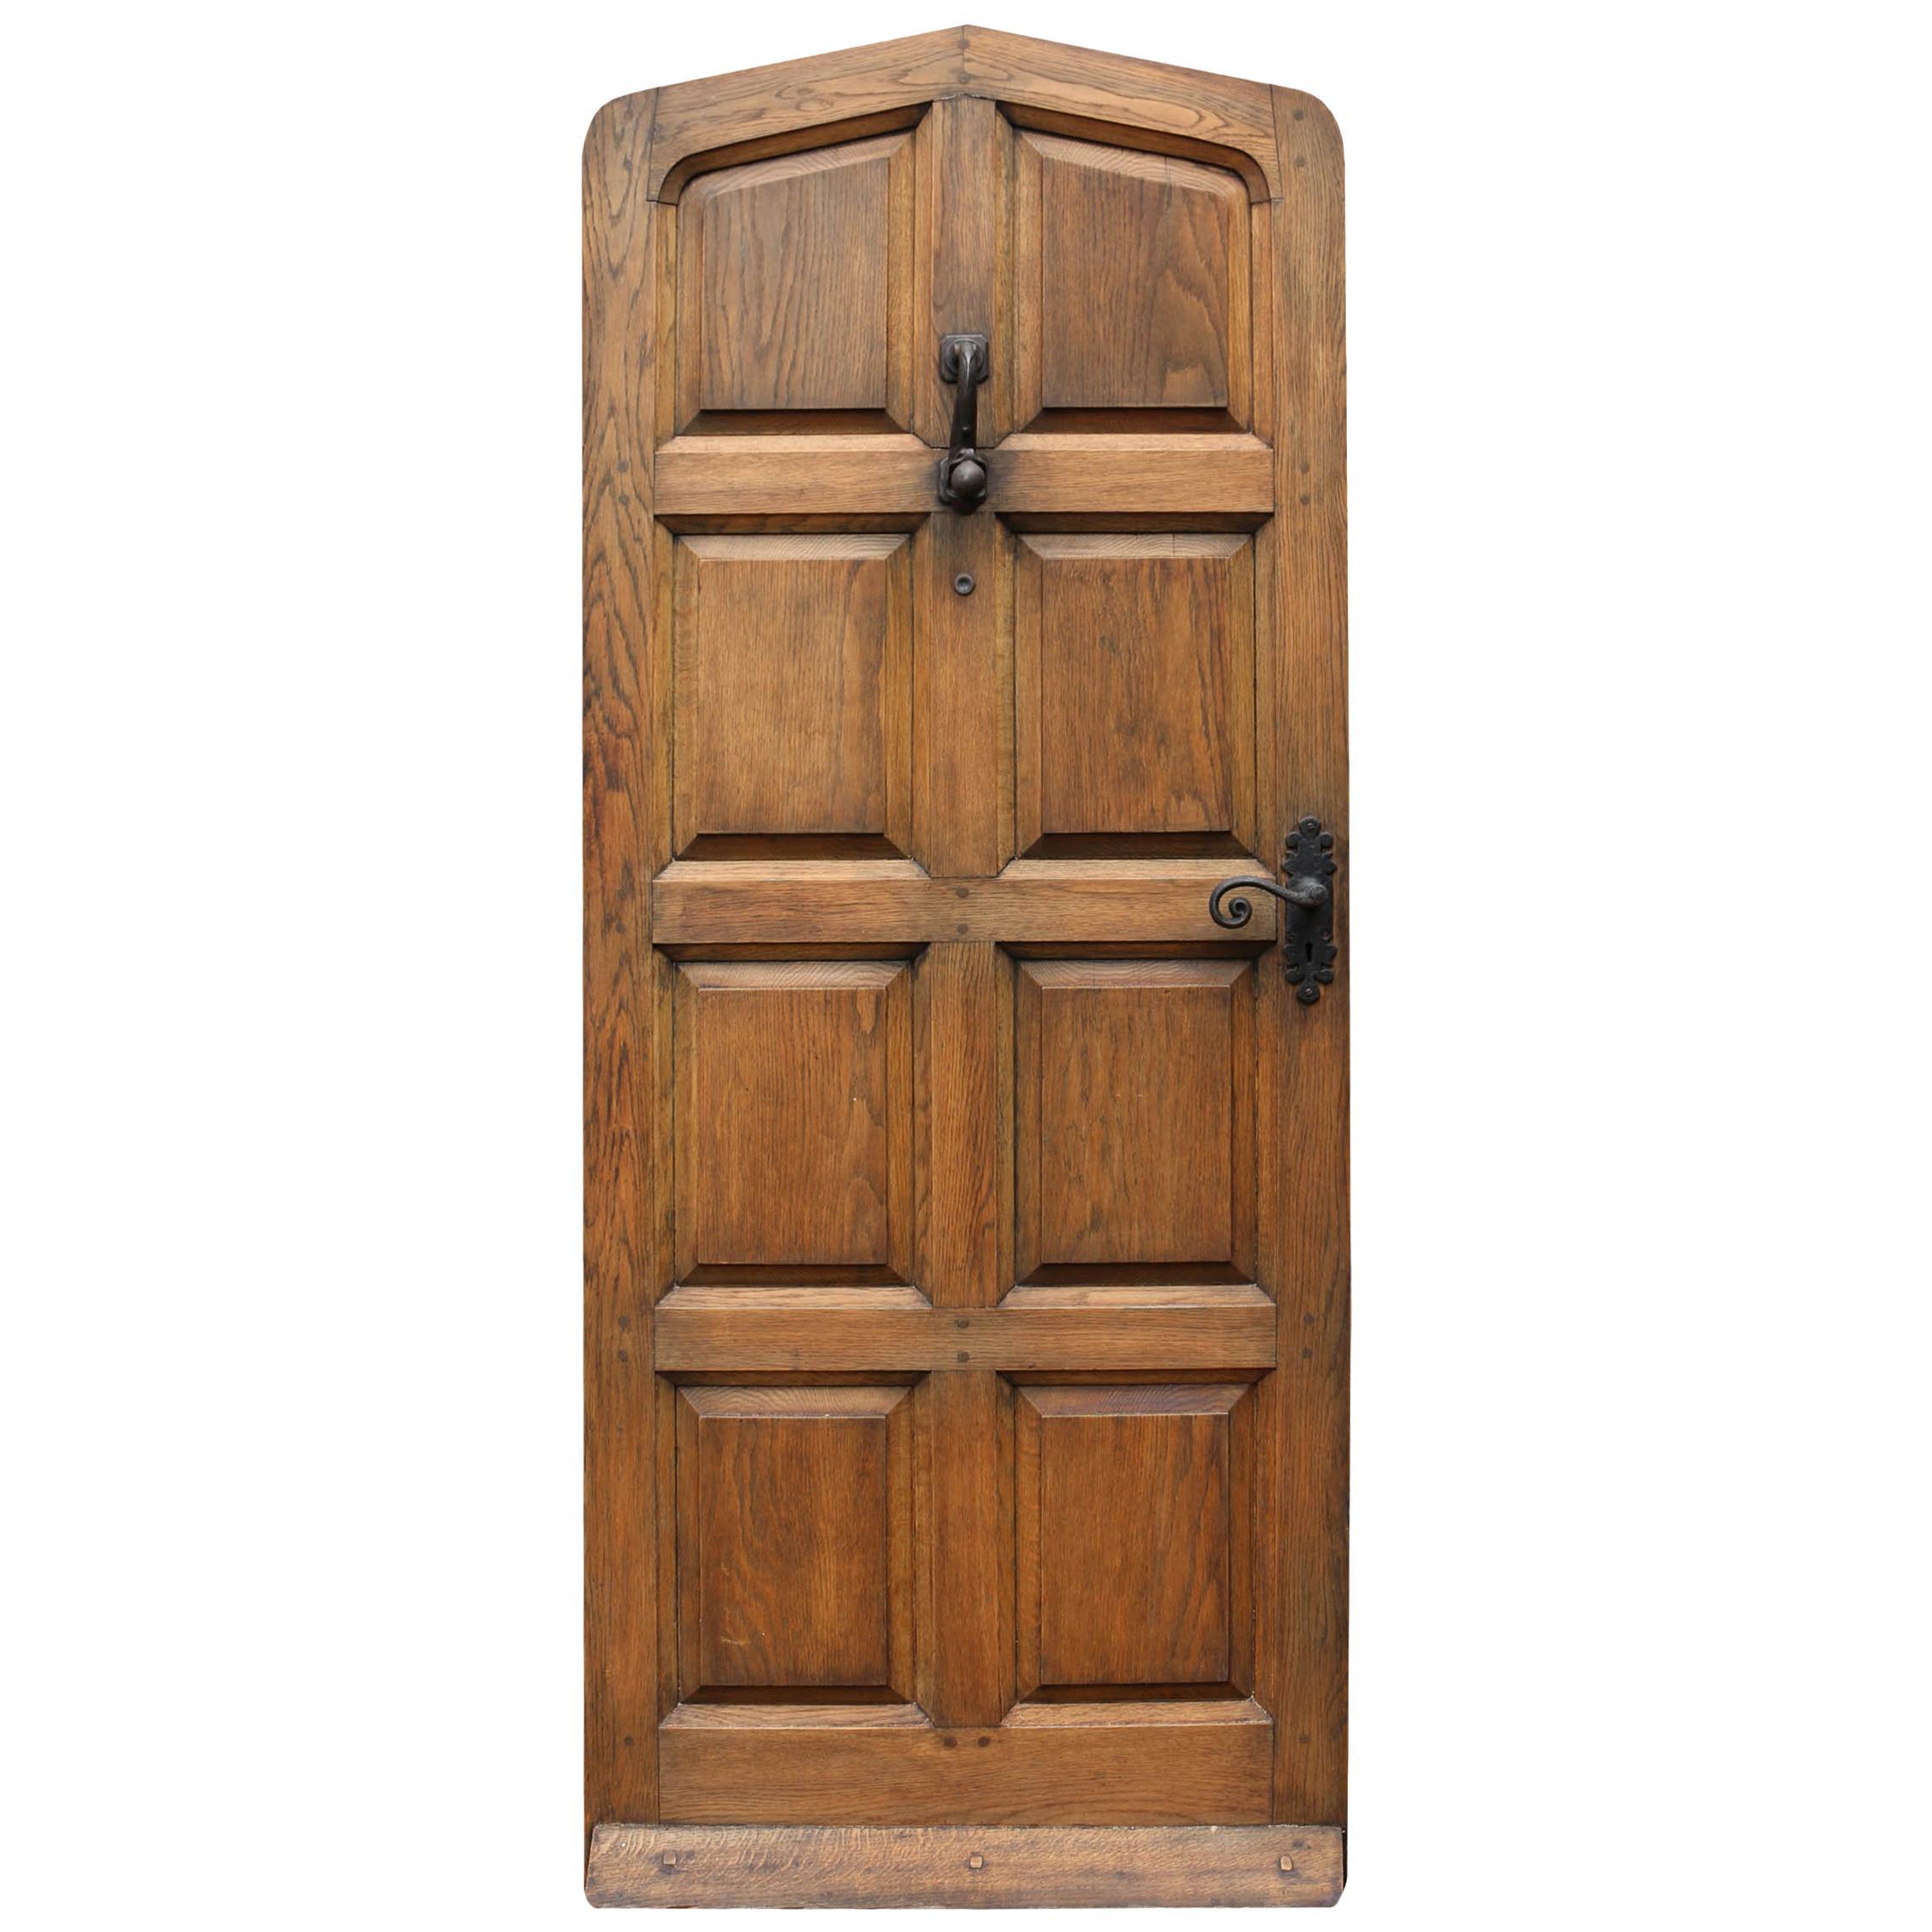 Genial 1930s Arched Oak Exterior Door For Sale